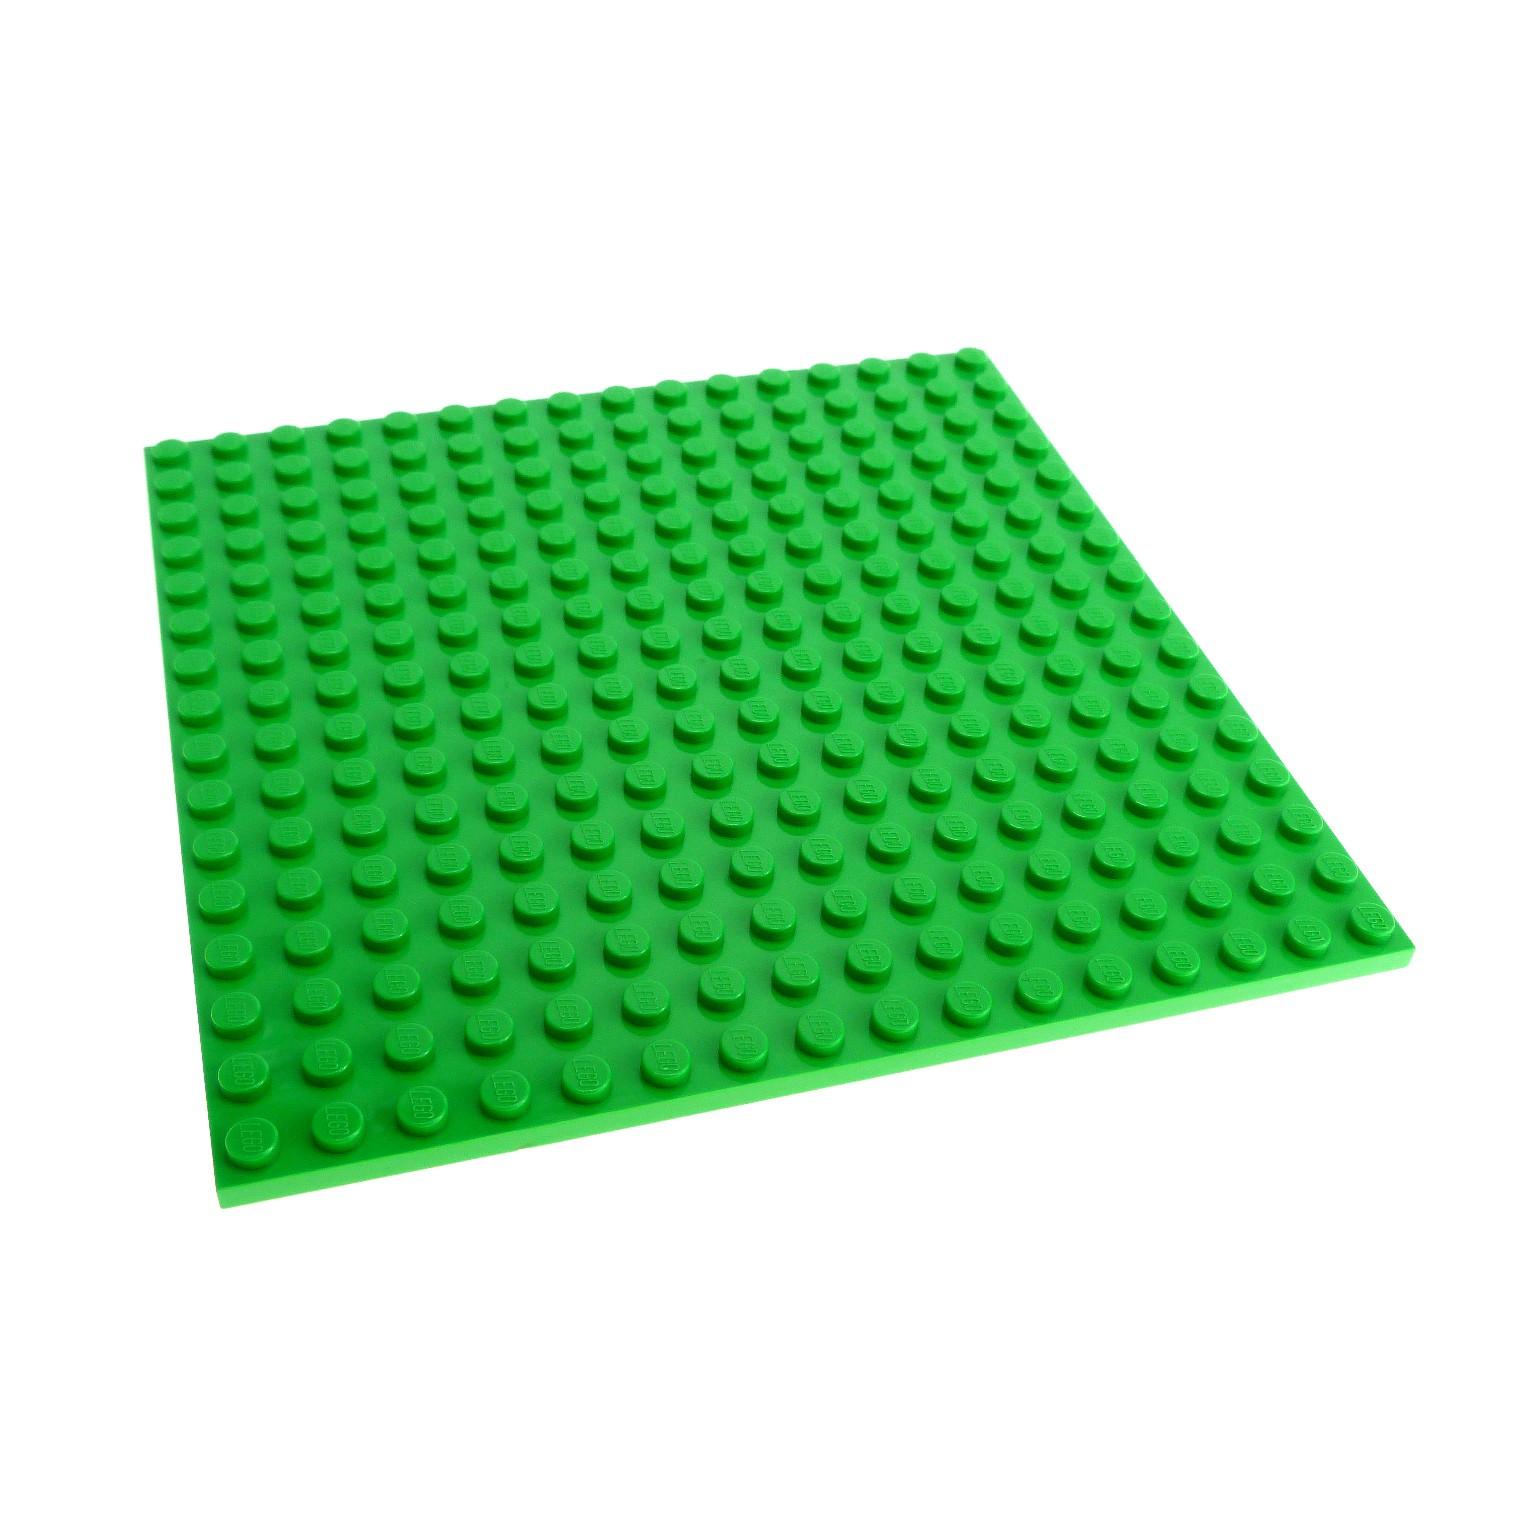 LEGO System Bauplatte 16x16 Noppen hellgrün Rasen beidseitig bespielbar